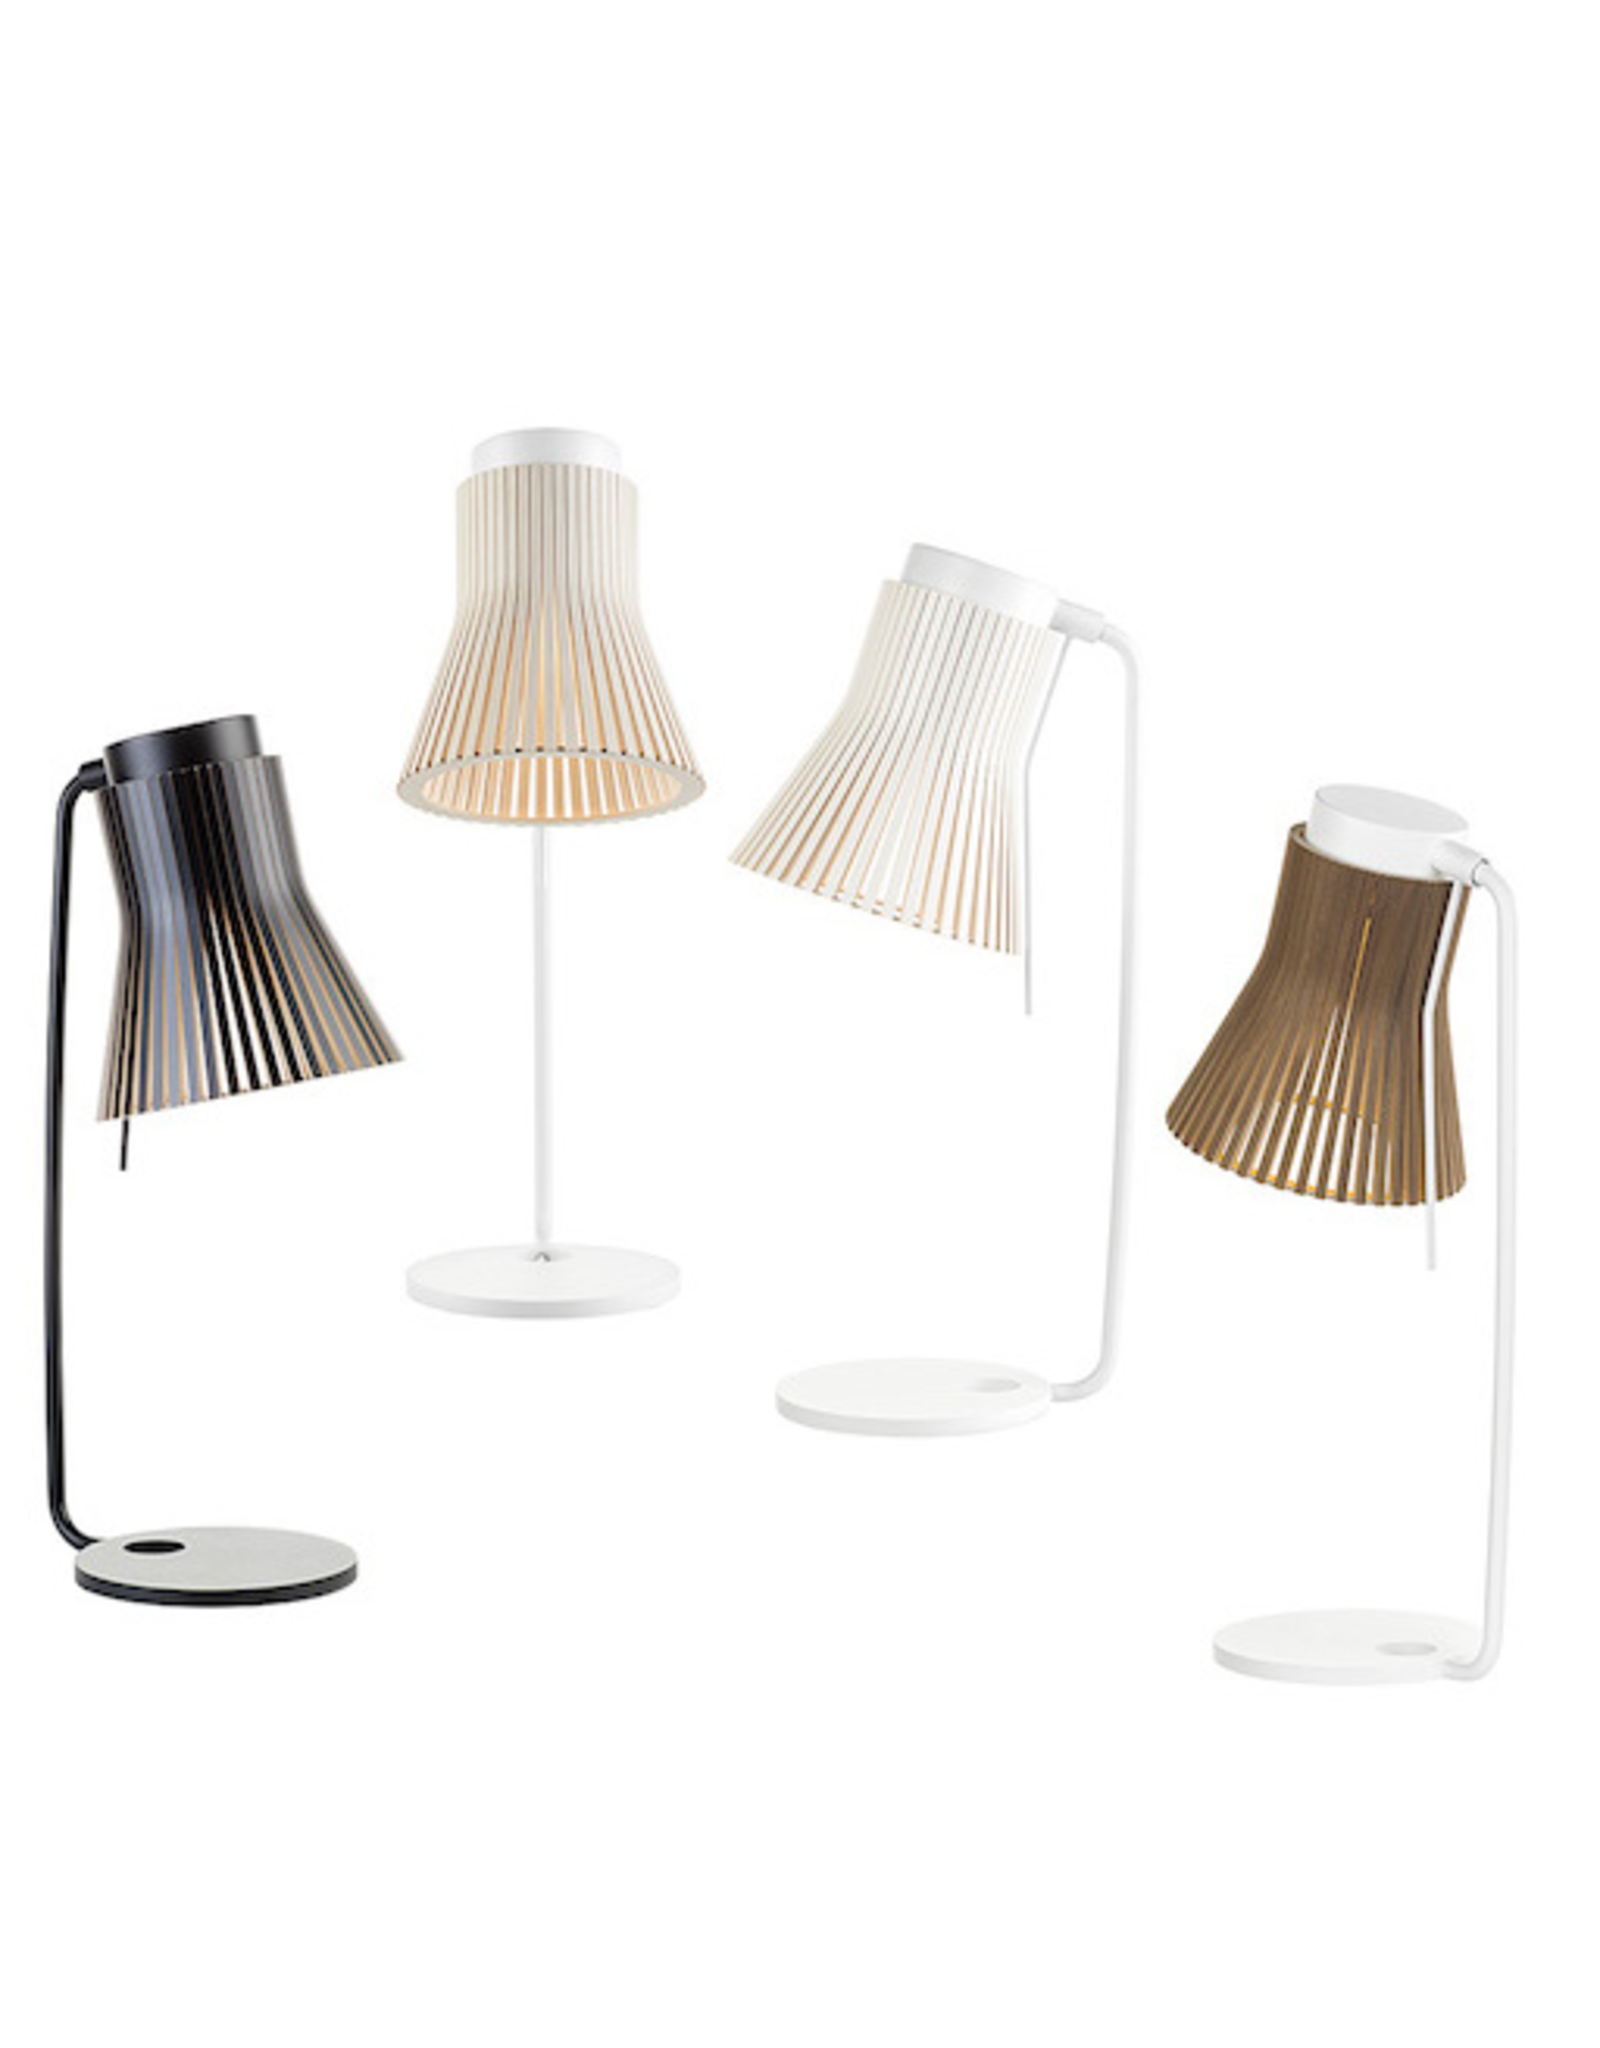 4620 PETITE TABLE LAMP